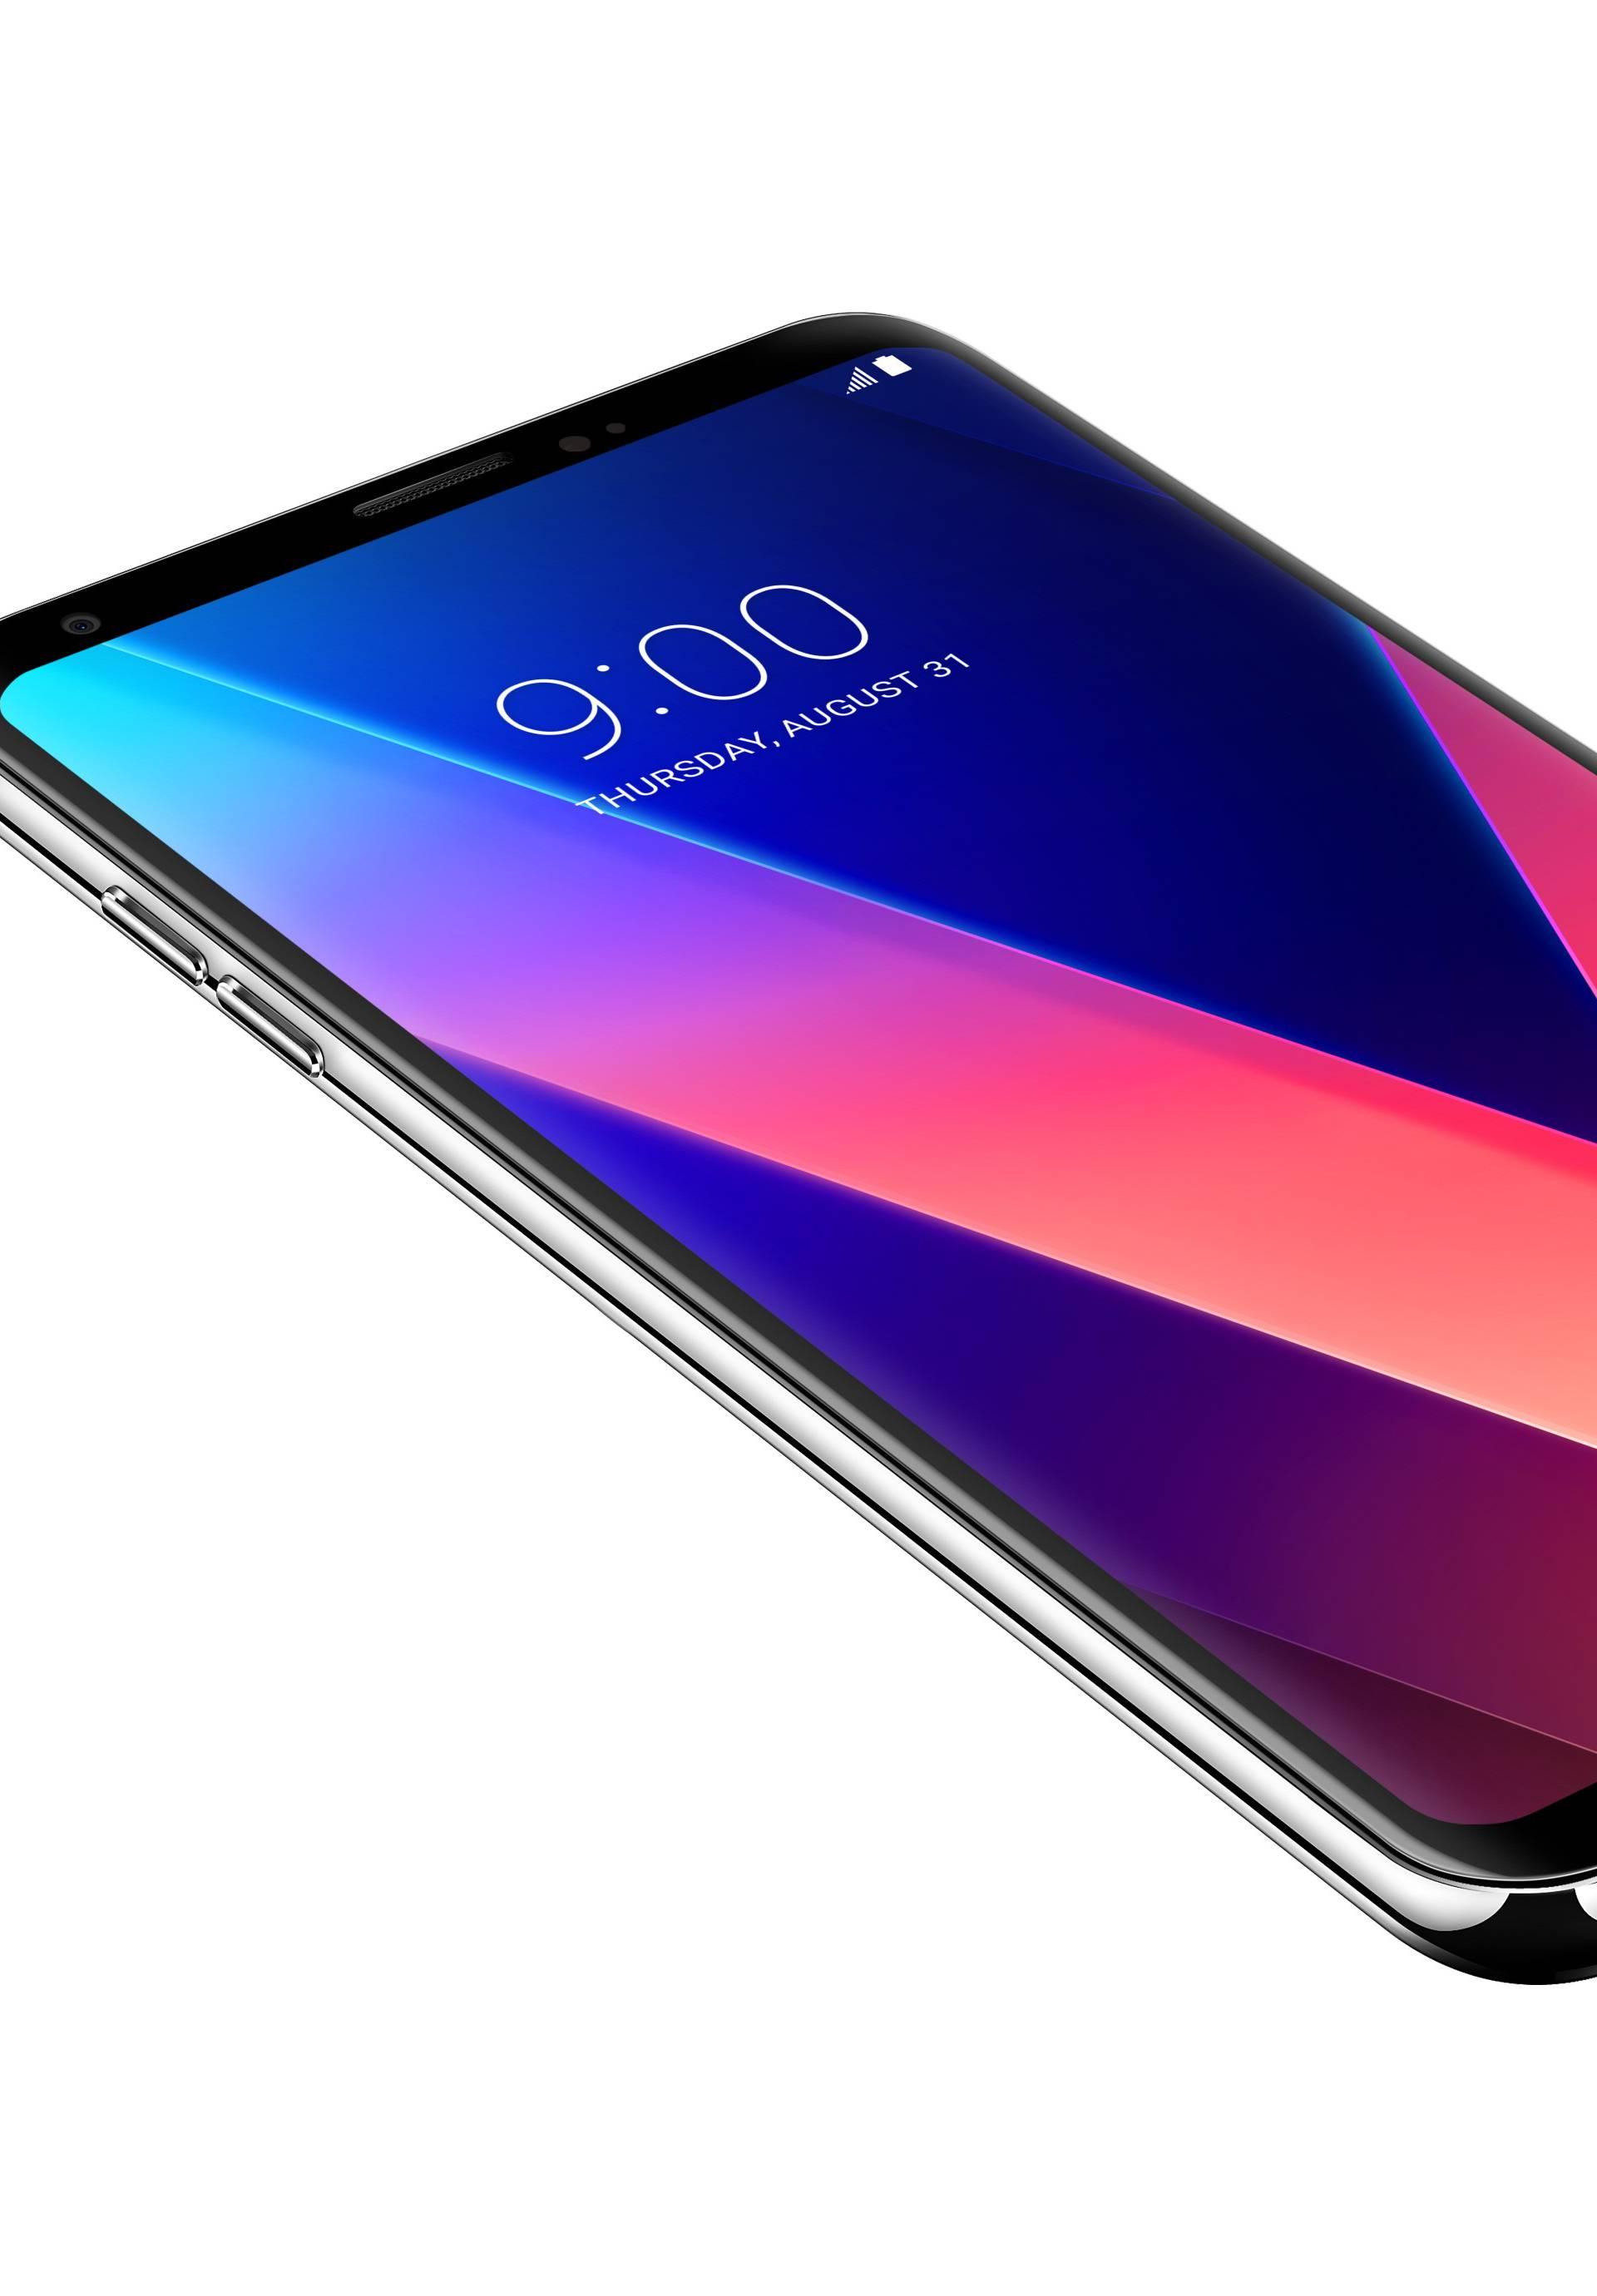 LG V30 kao Huawei: Do boljih fotki uz umjetnu inteligenciju